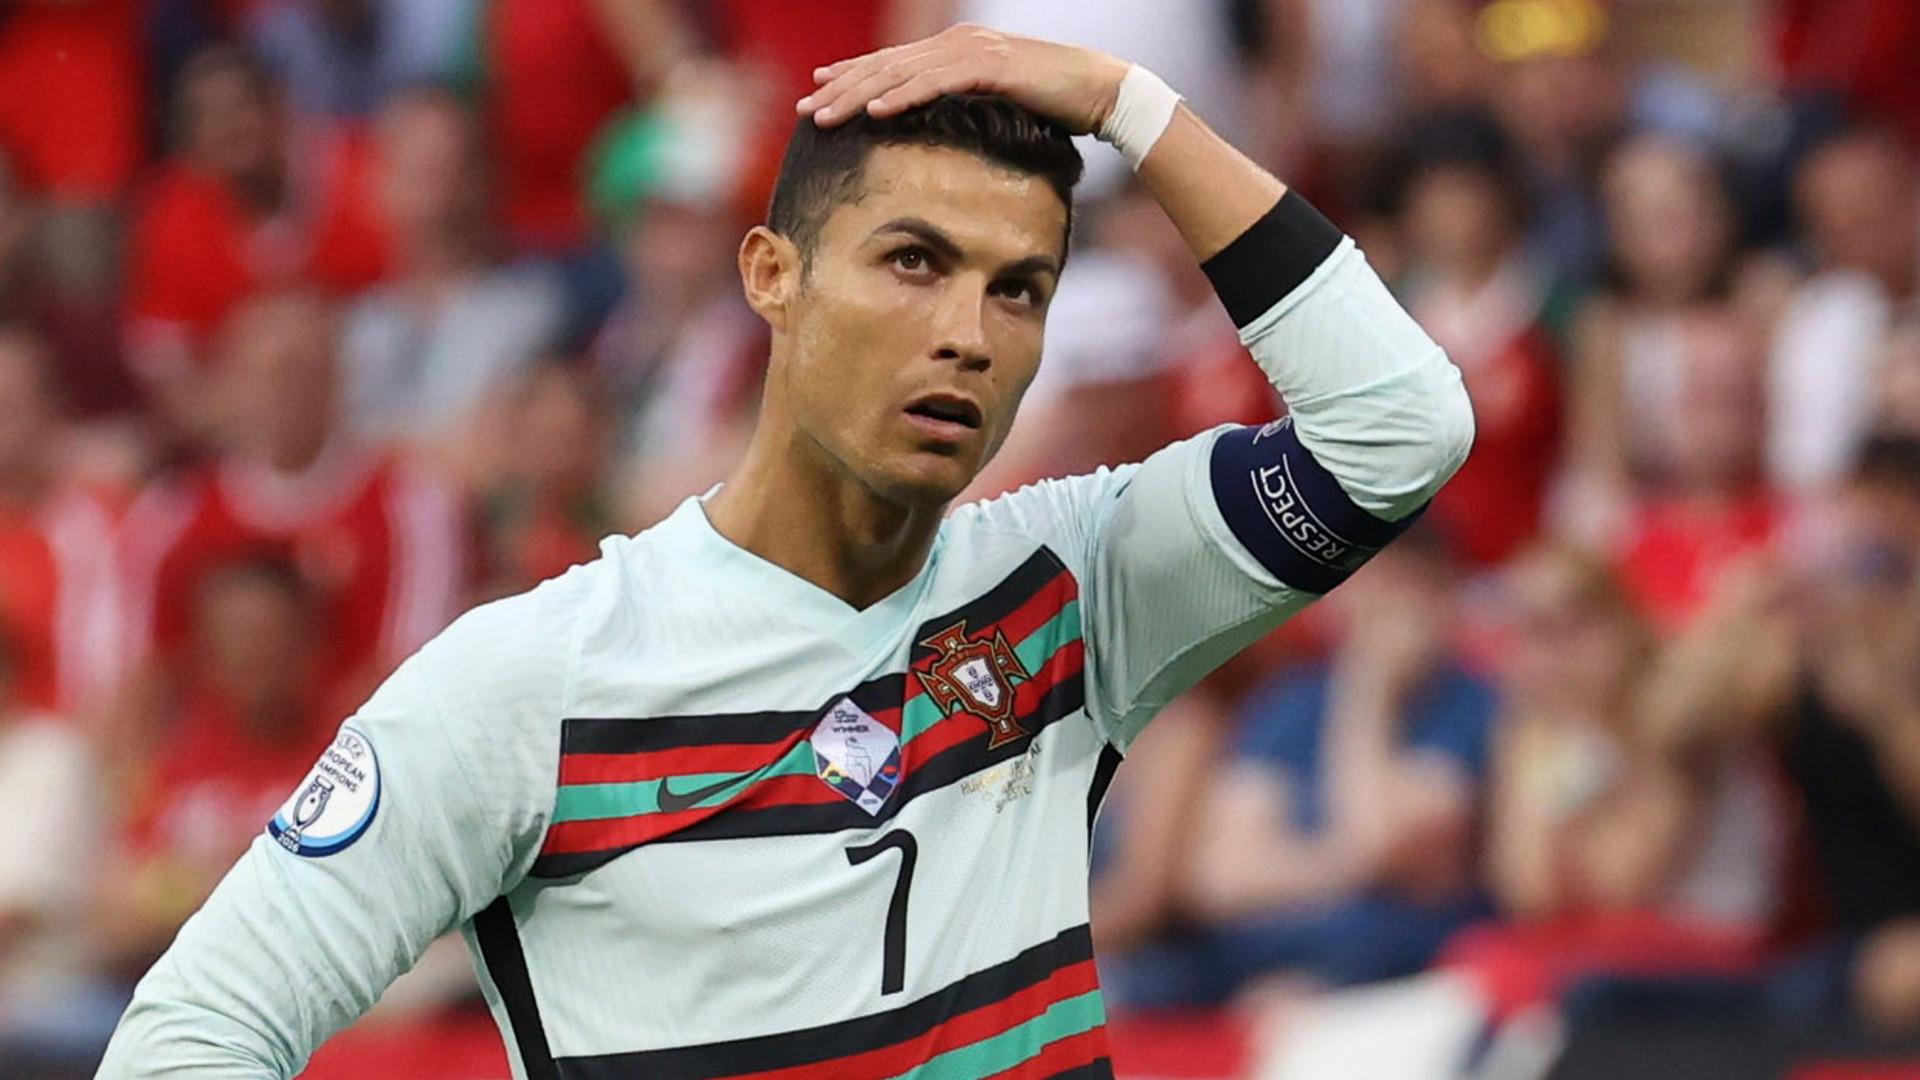 Nie uwierzysz ile Coca-Cola straciła na wartości po akcji z Ronaldo